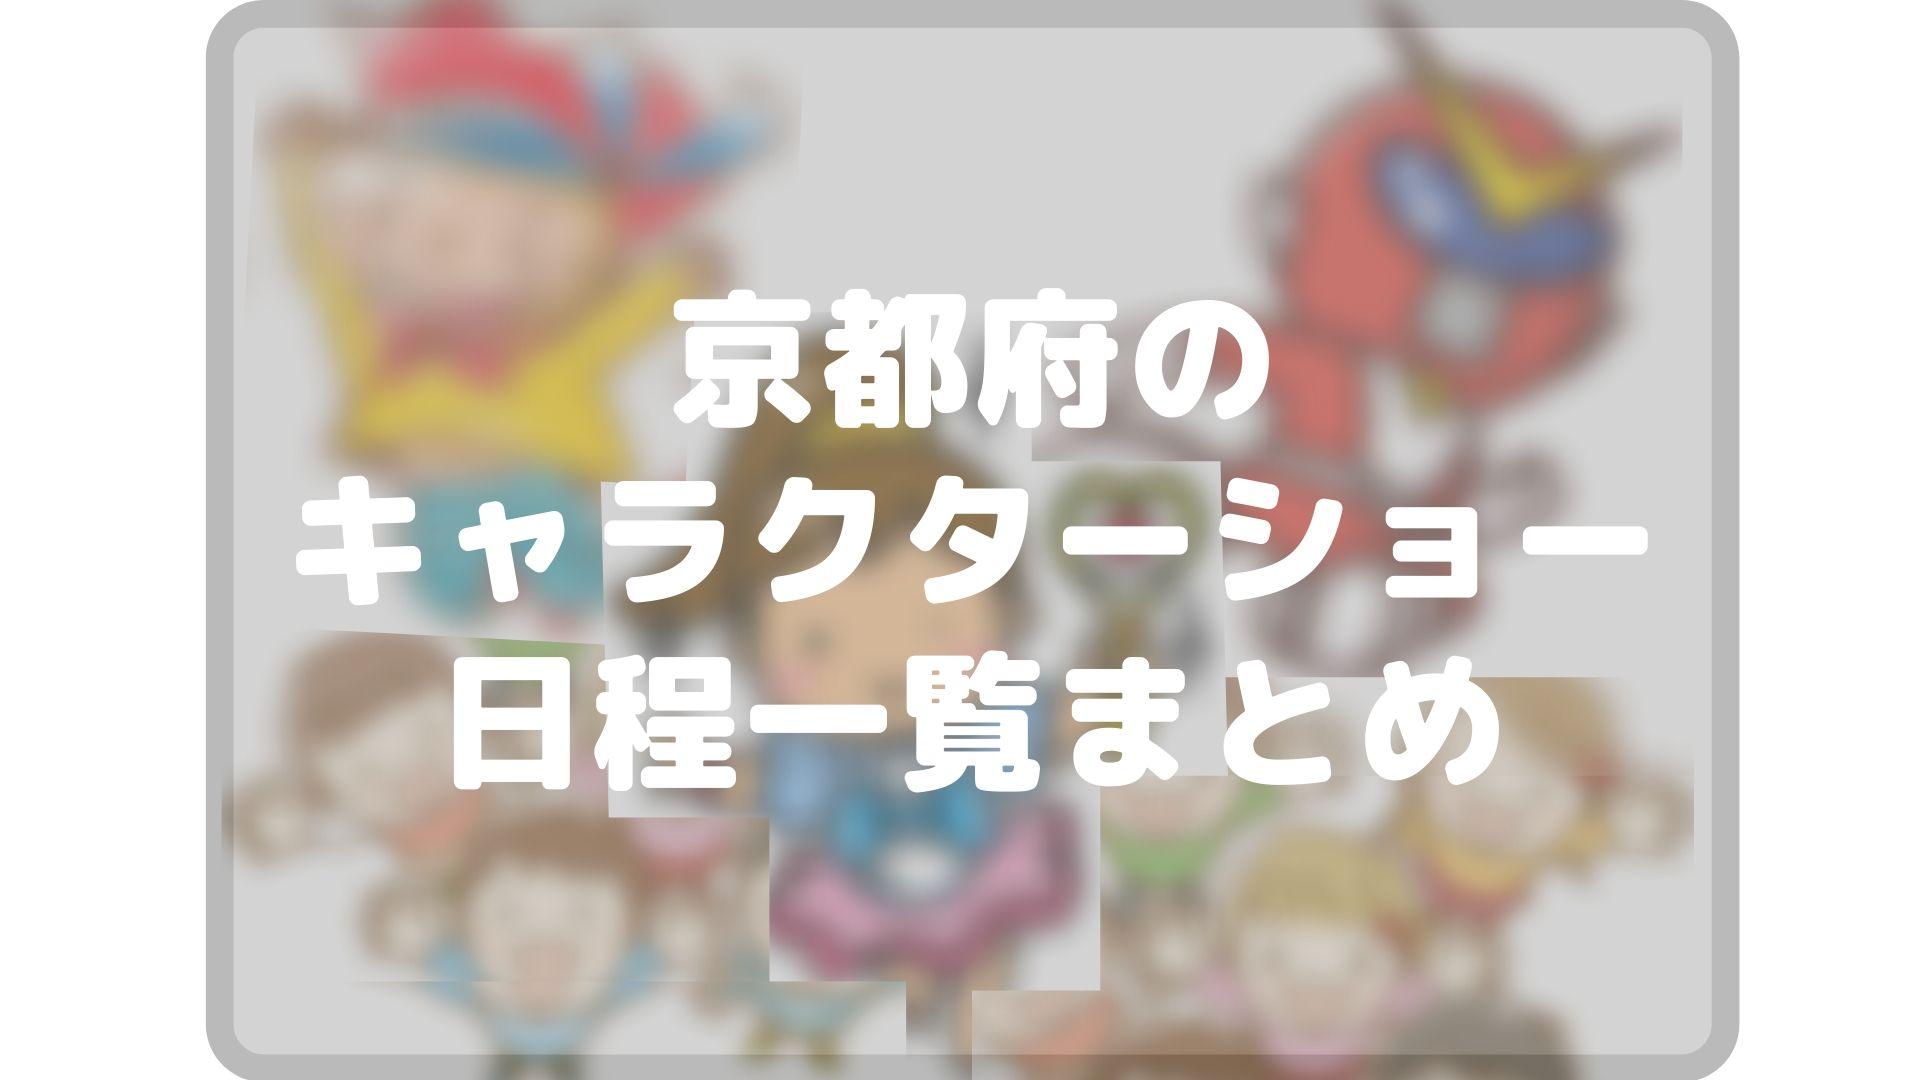 京都府のキャラクターショーまとめタイトル画像